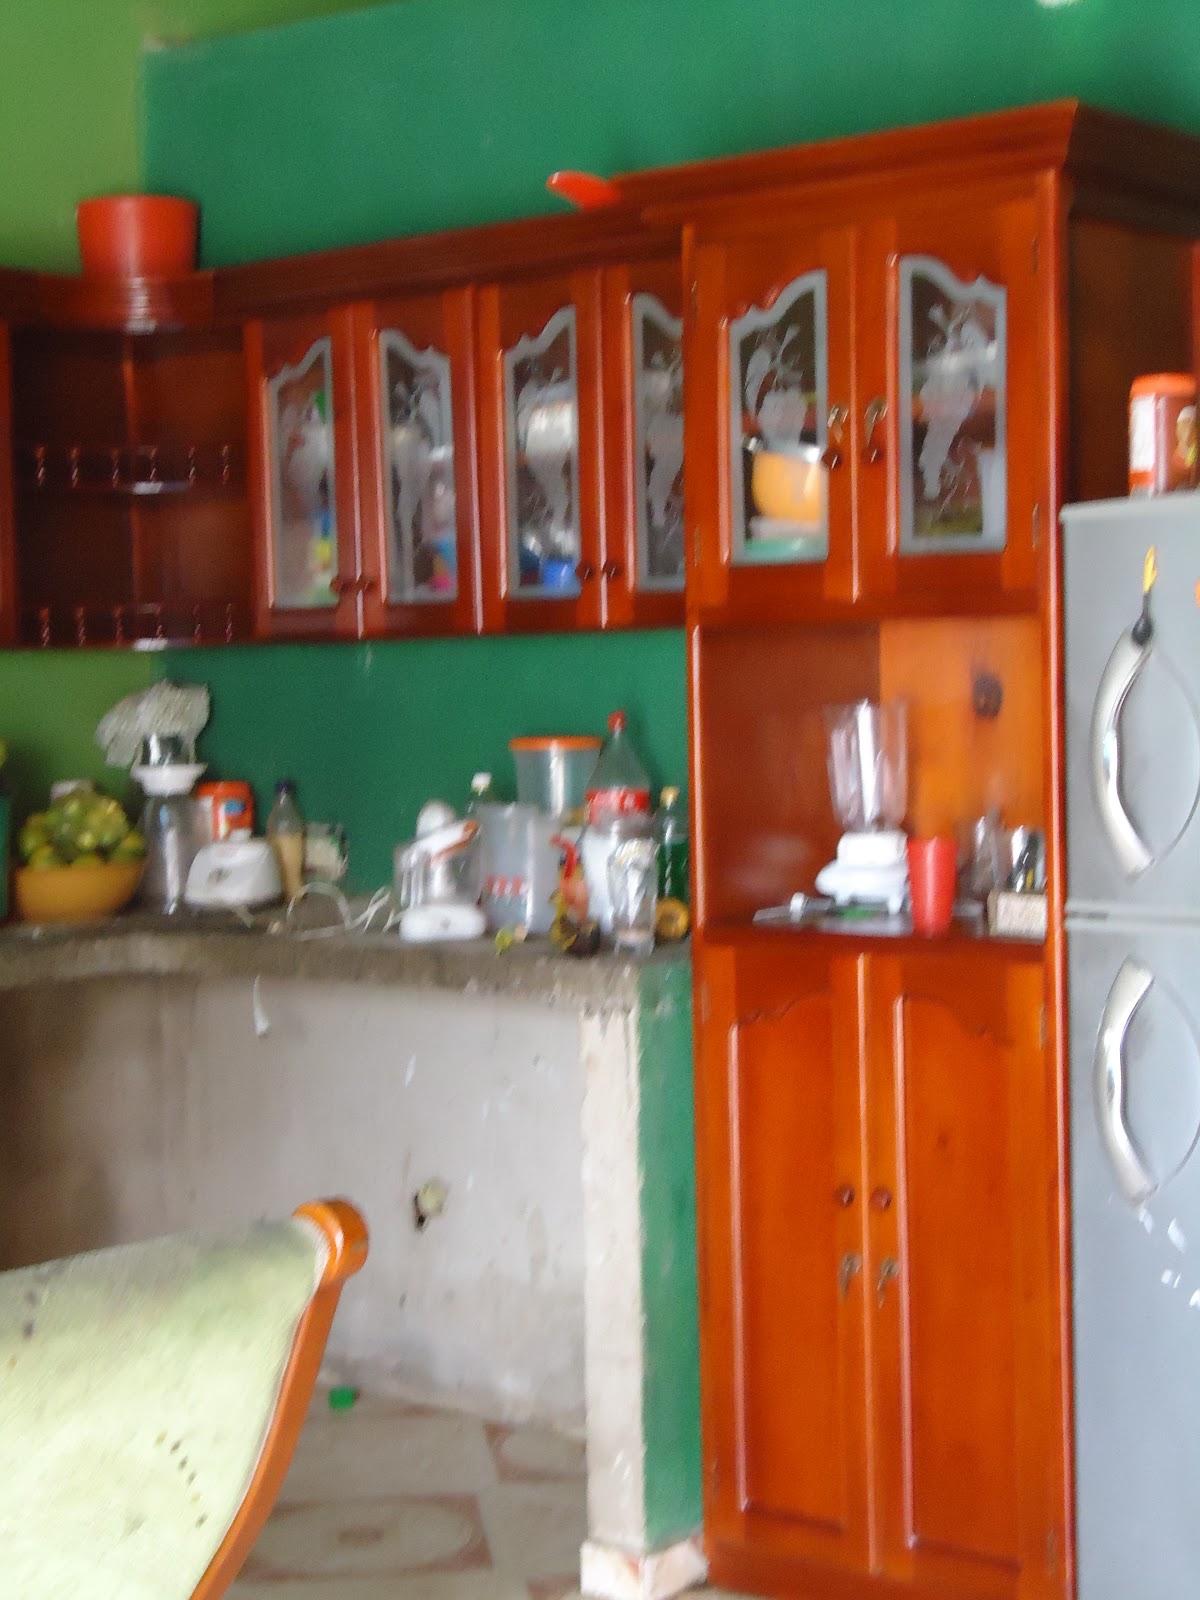 Creditos la villa gabinetes de cocina for Cocinas integrales a credito